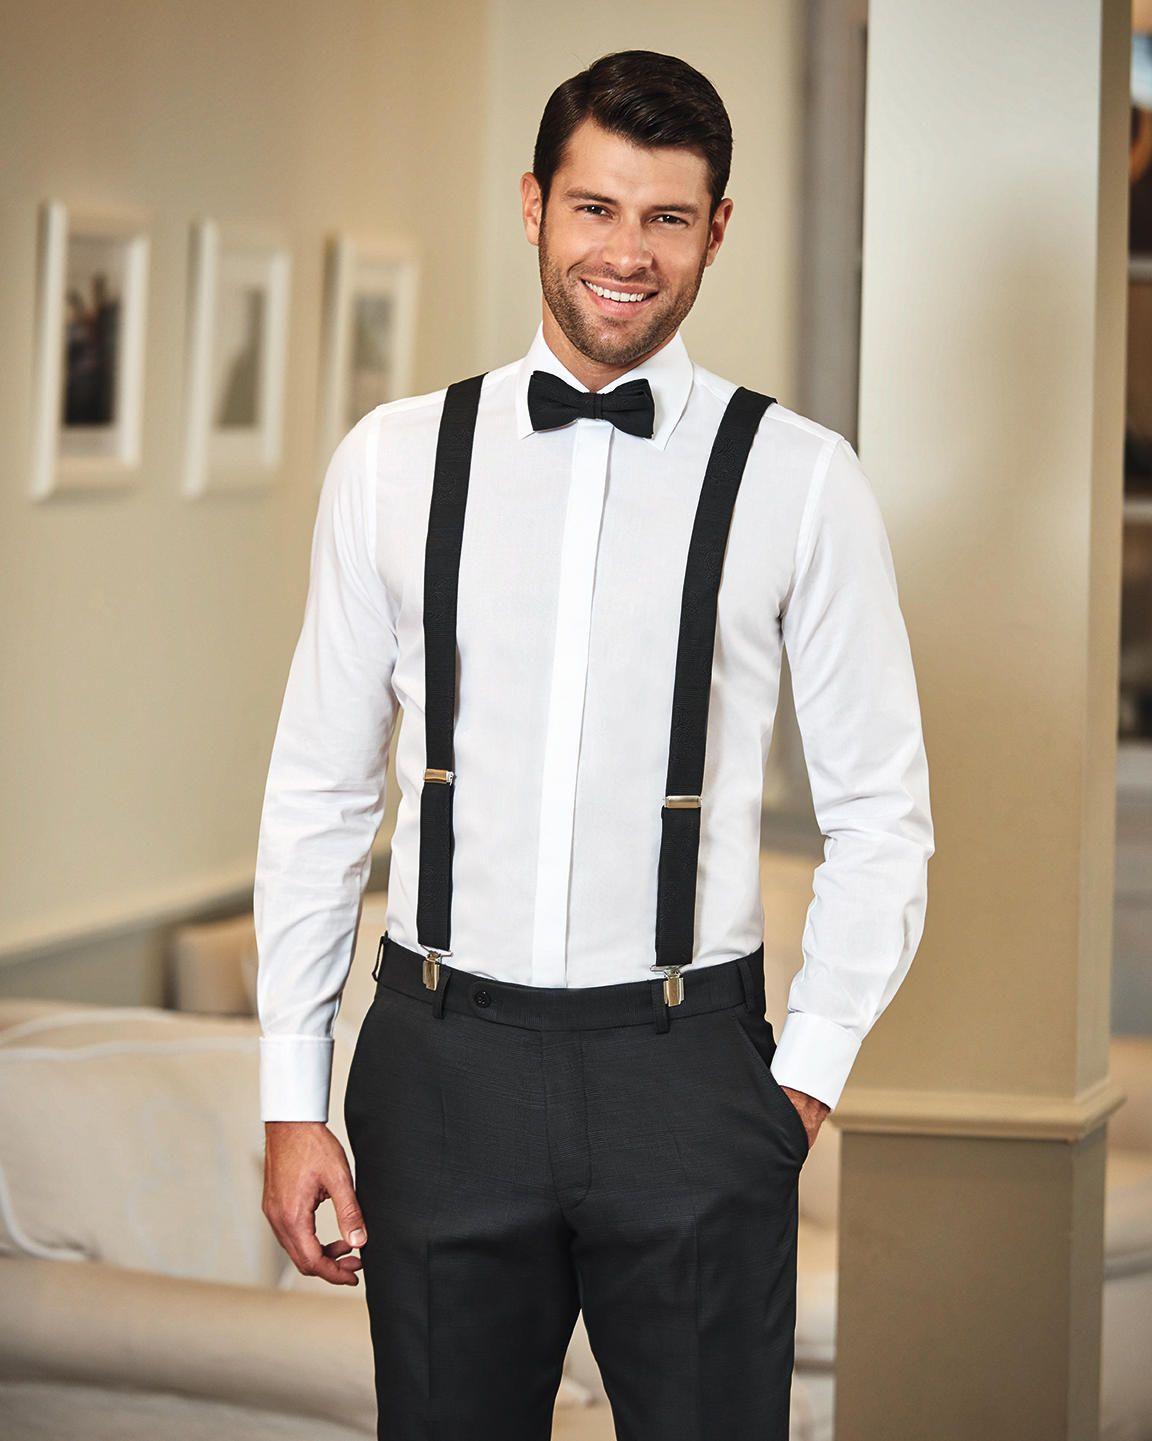 Wilvorst Hochzeit Wedding Hochzeitsmode Weddingdress Brautigam Groom Hochzeitsmomente Weddingdream Anzu Hochzeitsanzug Trauzeuge Anzug Anzug Hochzeit